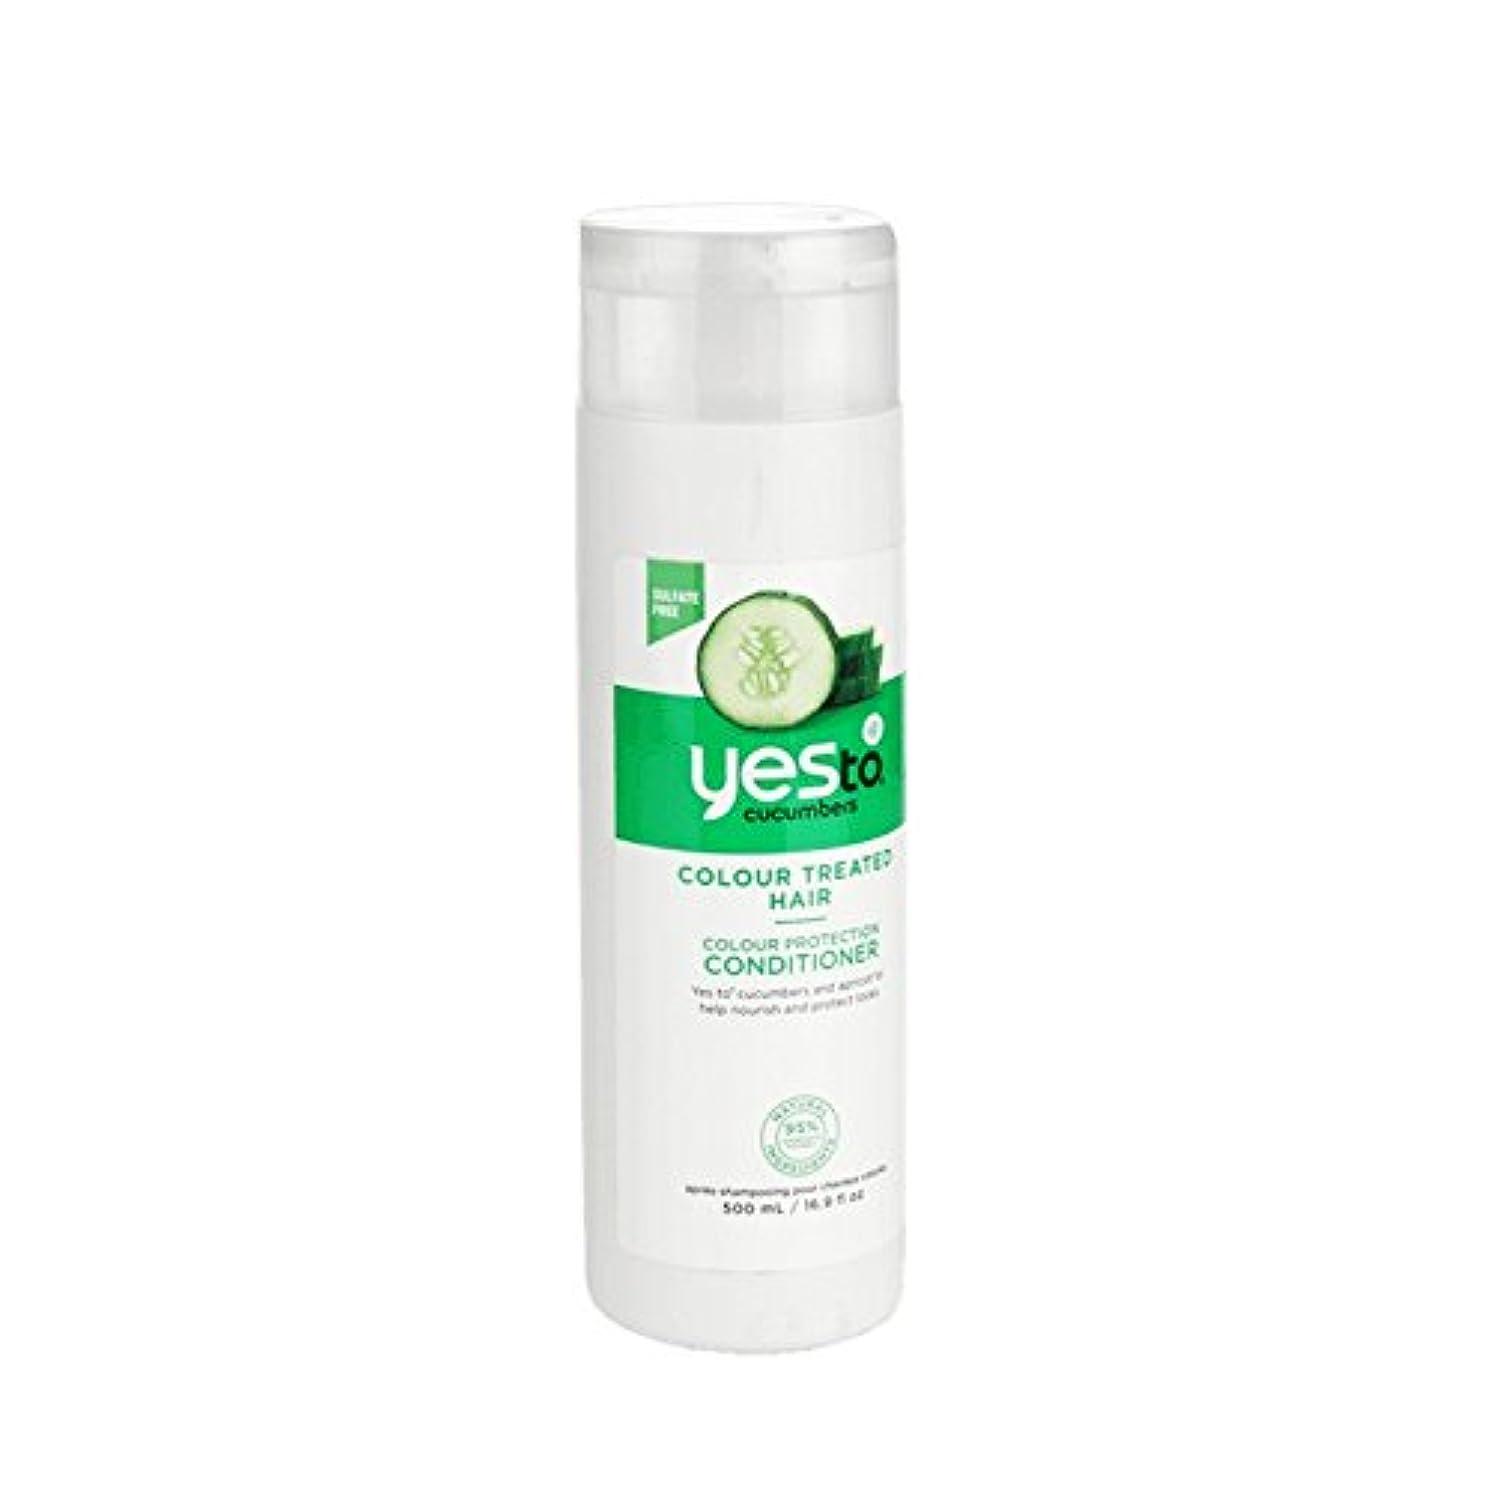 信条タウポ湖教育するはいキュウリの色の保護コンディショナー500ミリリットルへ - Yes To Cucumbers Colour Protection Conditioner 500ml (Yes To) [並行輸入品]